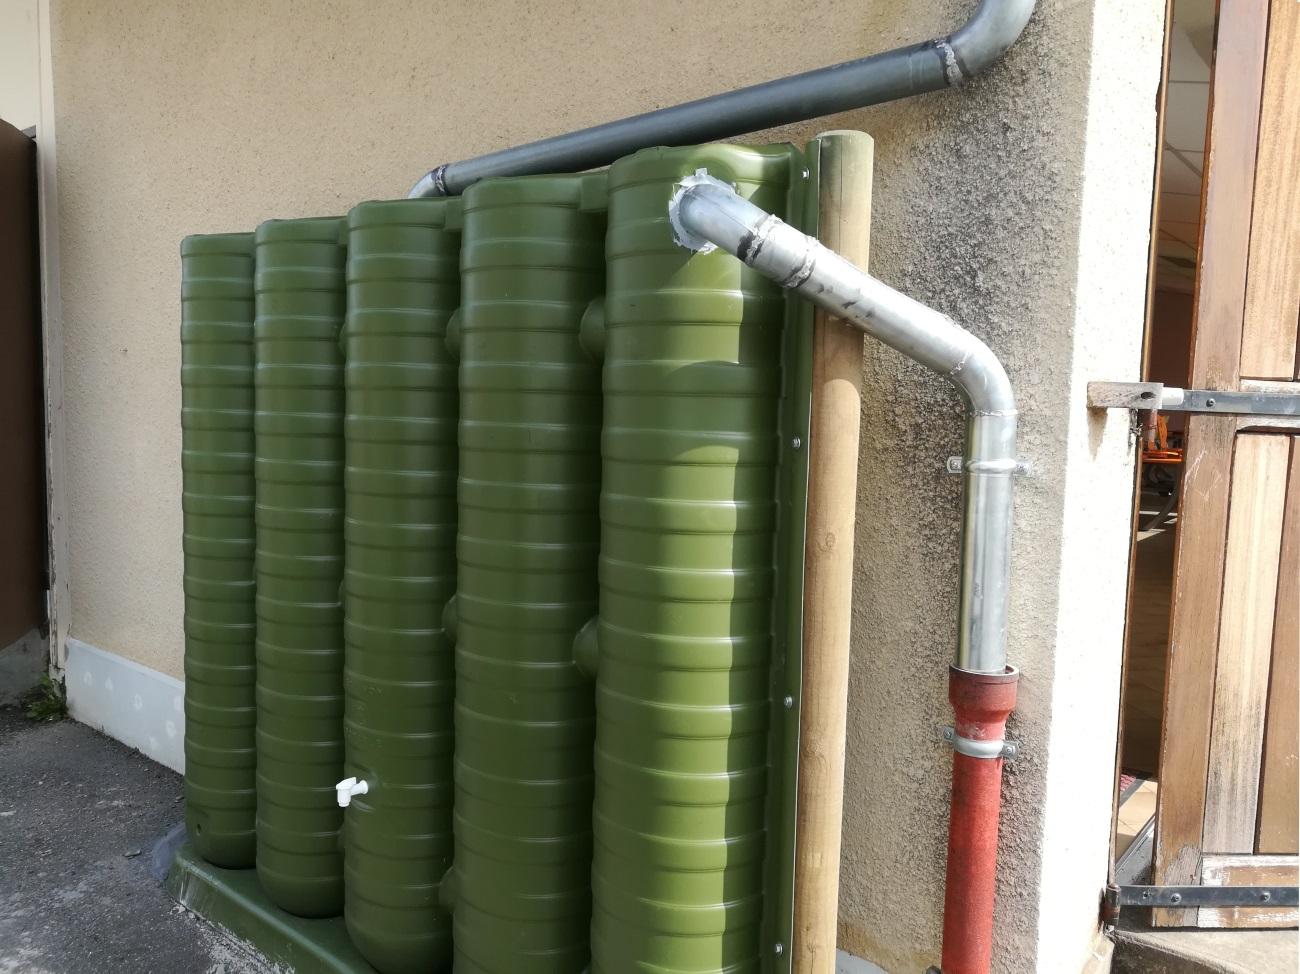 Récupérateur d'eau mural Ecol'eaumur connecté à une gouttière